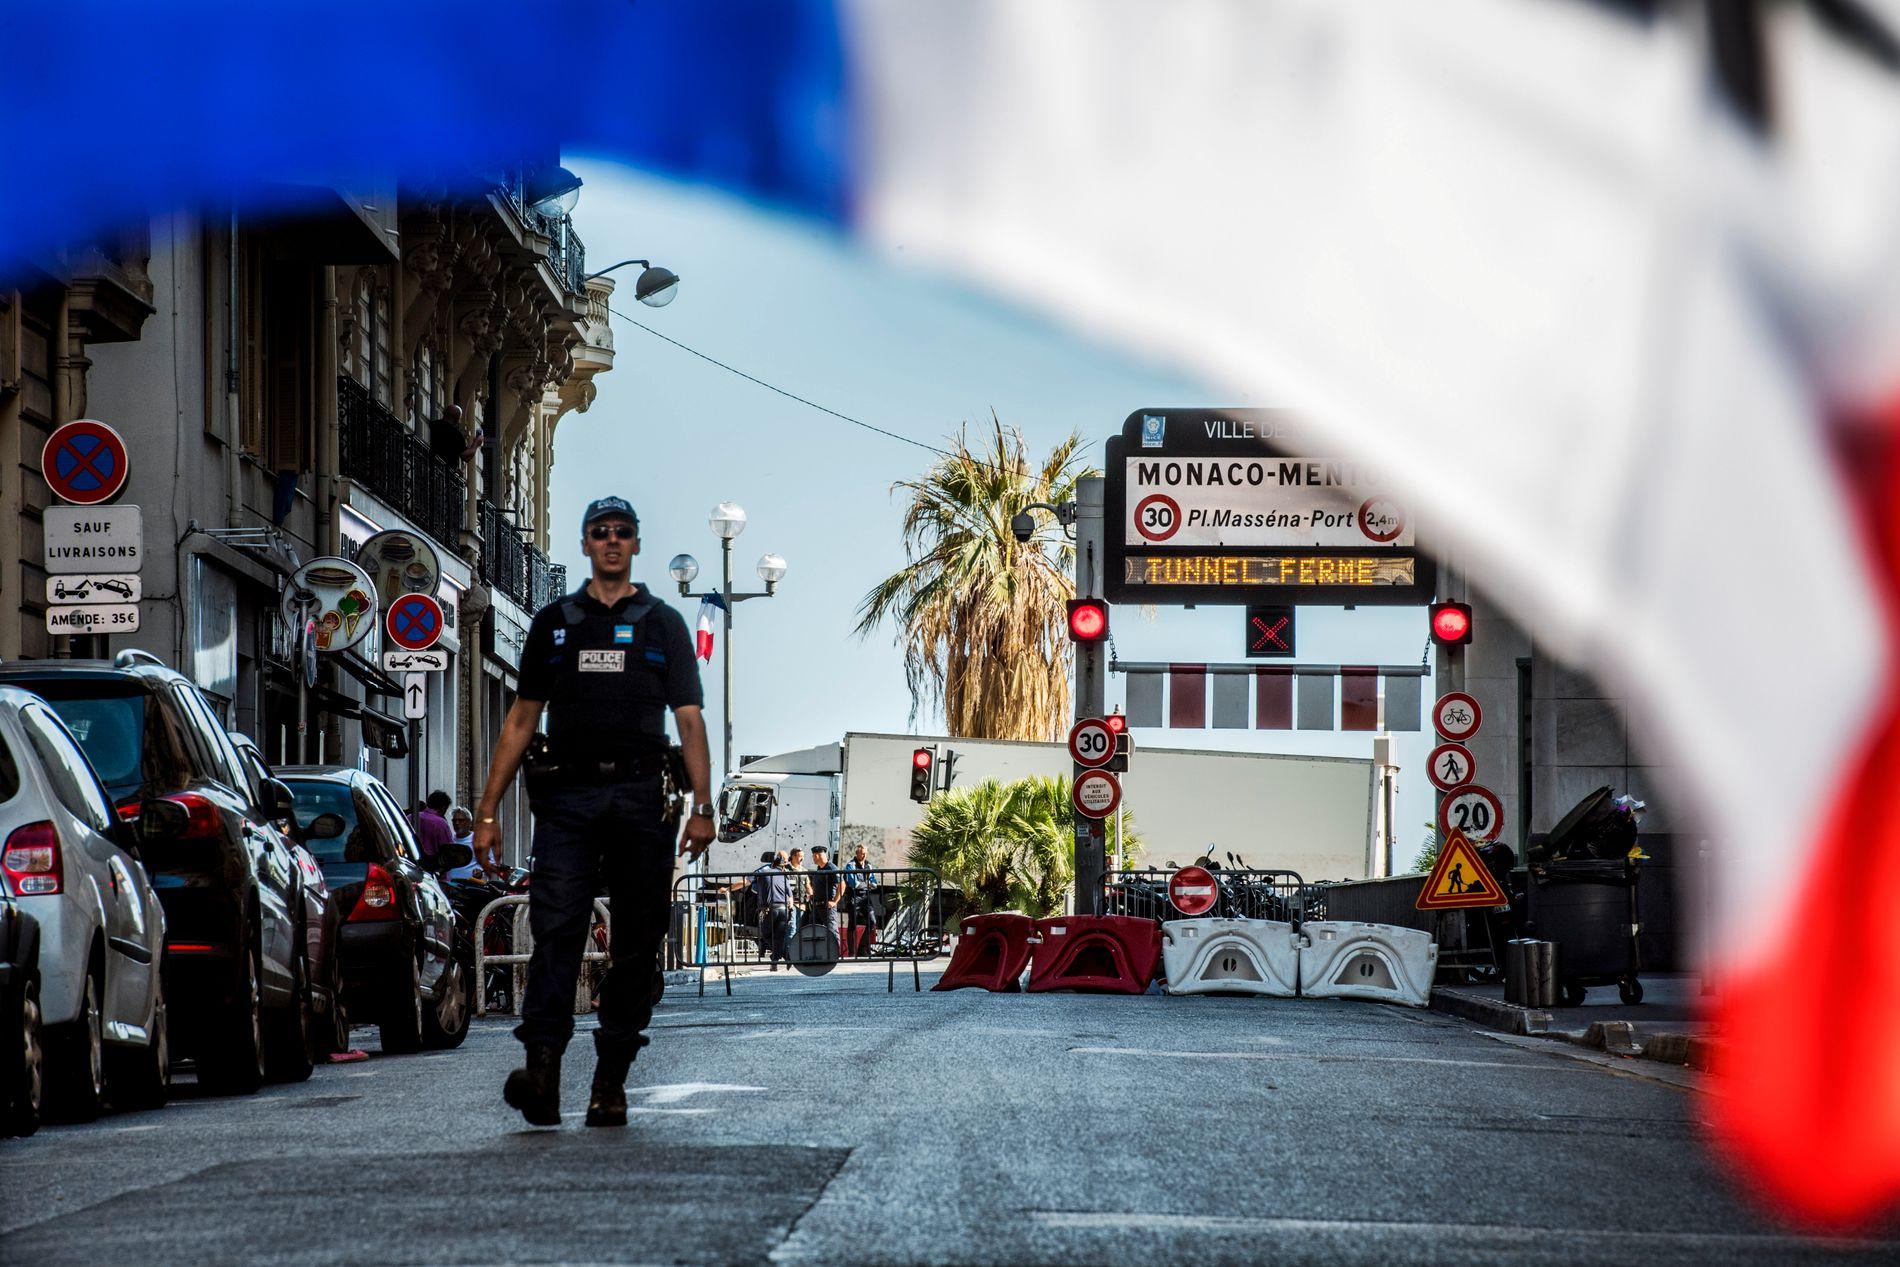 POST-TERROR: Dagen etter lastebilangrepet i Nice torsdag, var gatene preget av politistyrker og franske flagg.